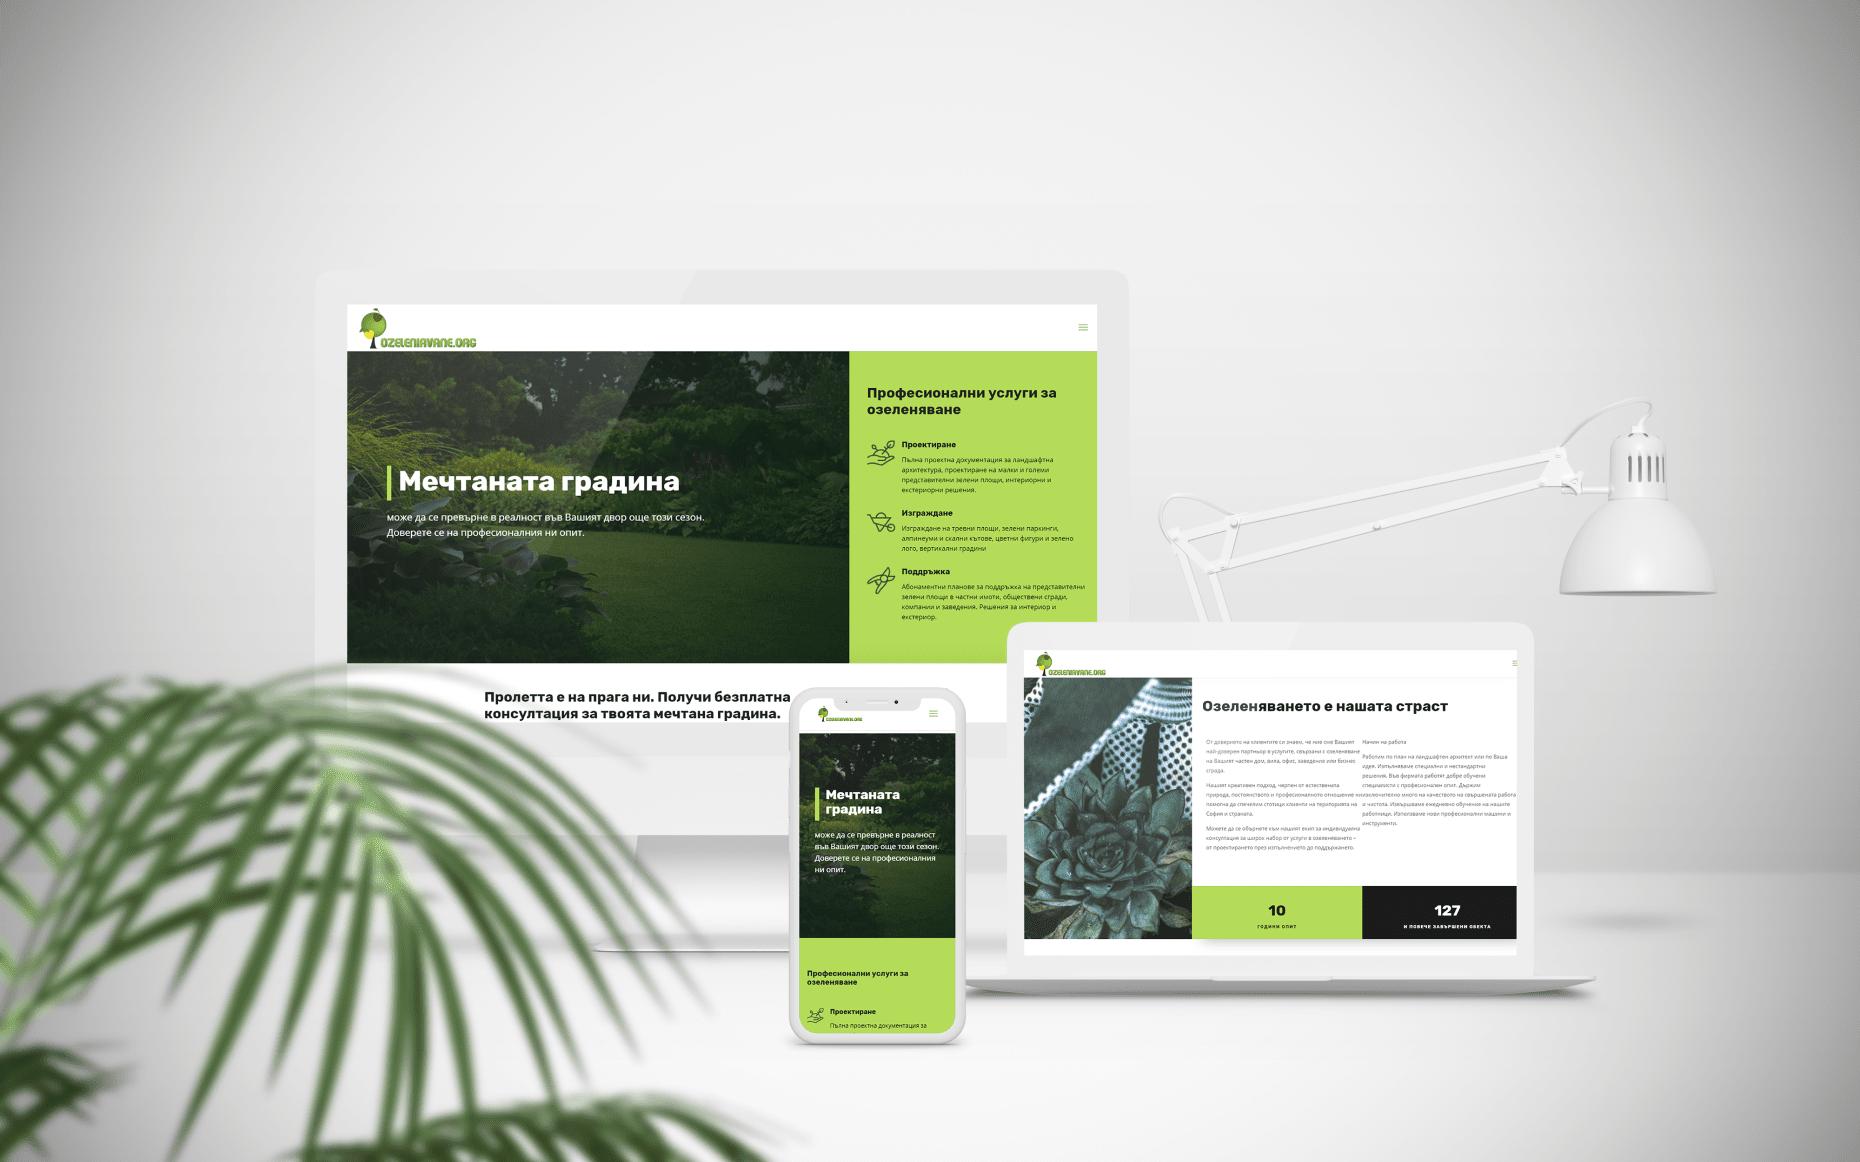 Ozeleniavane.org web design